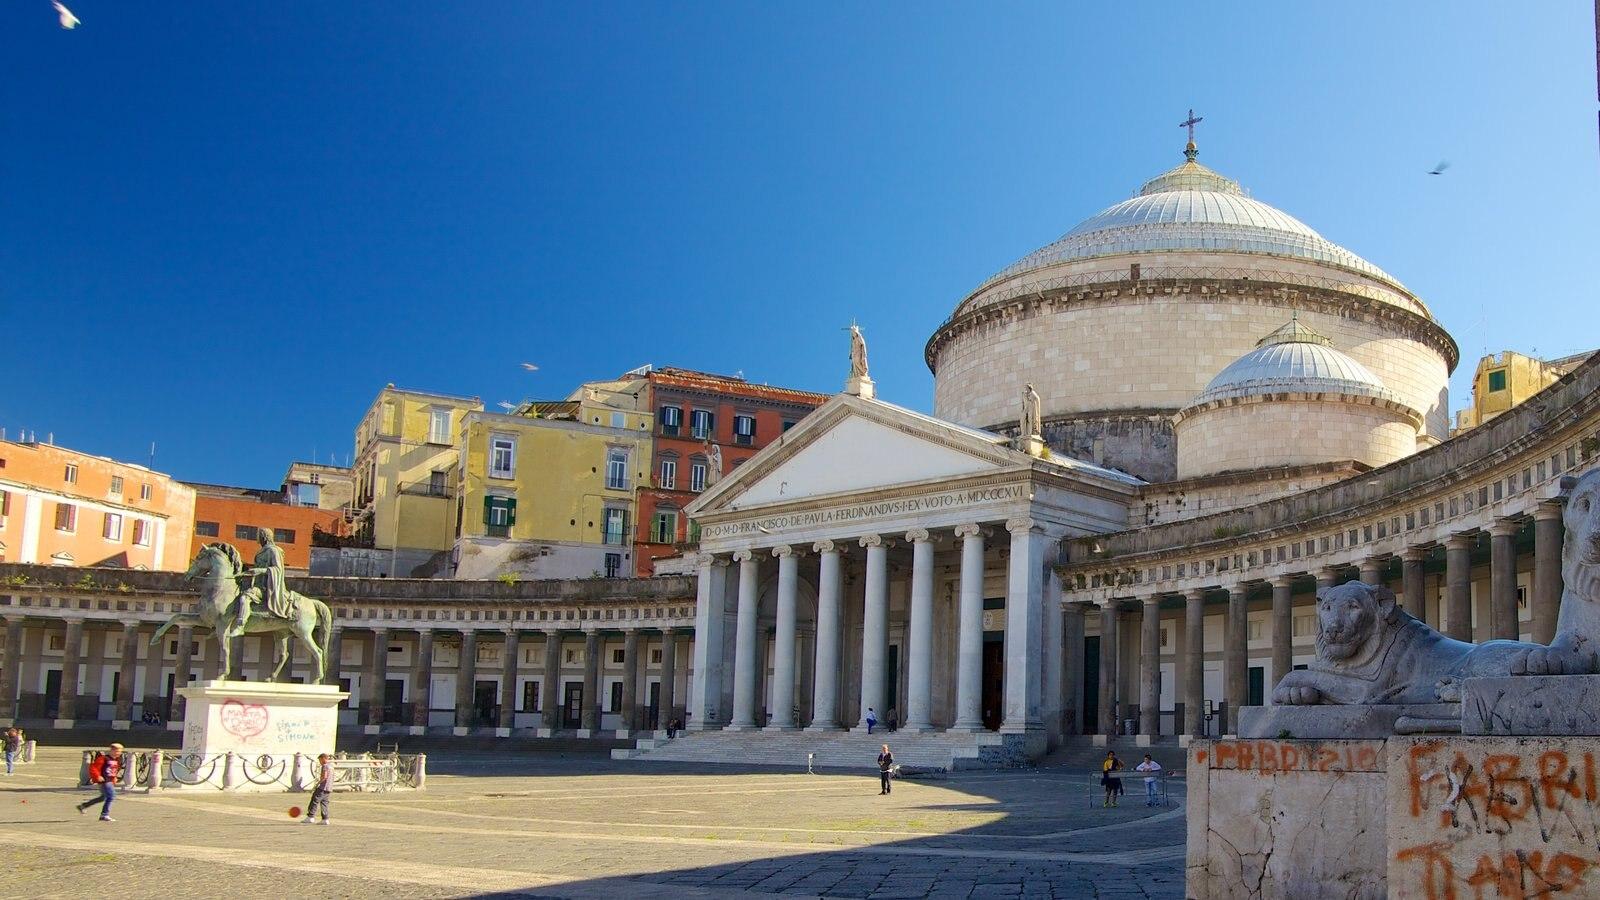 San Francesco di Paola mostrando arquitetura de patrimônio e uma praça ou plaza